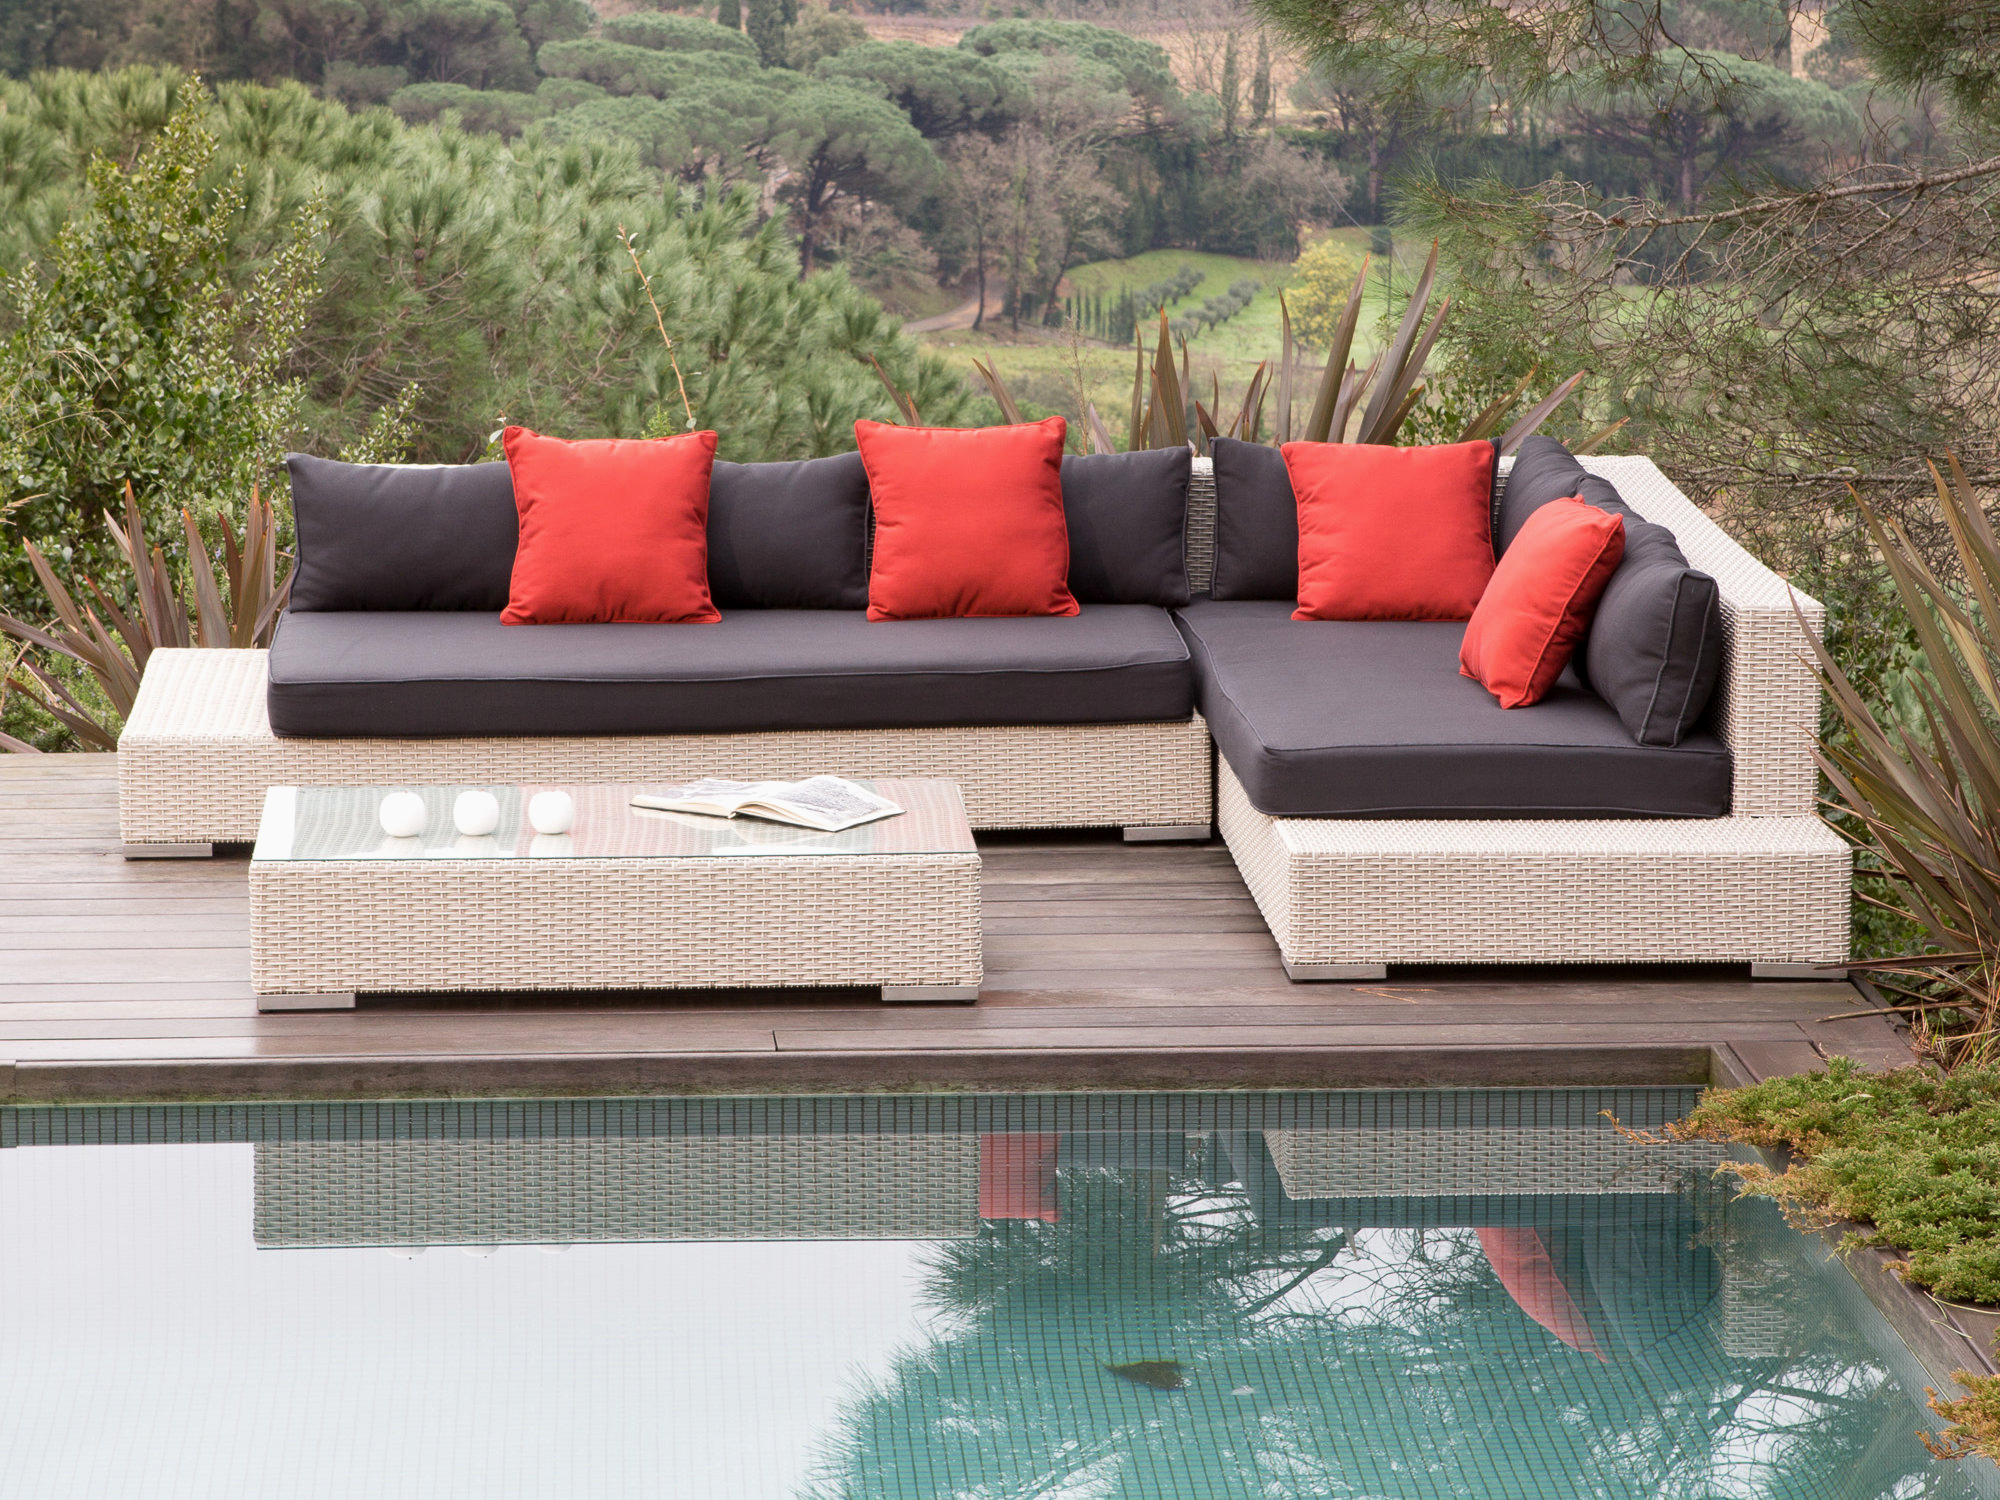 Stunning Salon De Jardin Resine Delamaison Images - House ...